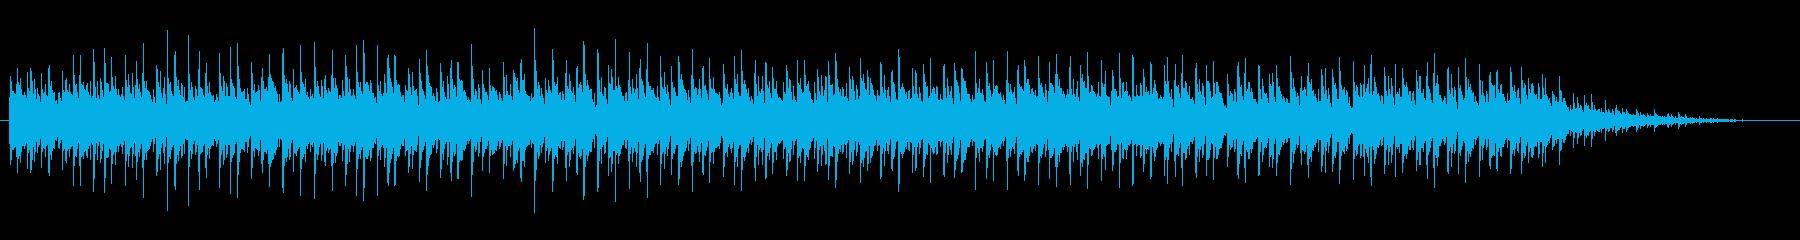 紀行もの風スタイリッシュなテクノサウンドの再生済みの波形